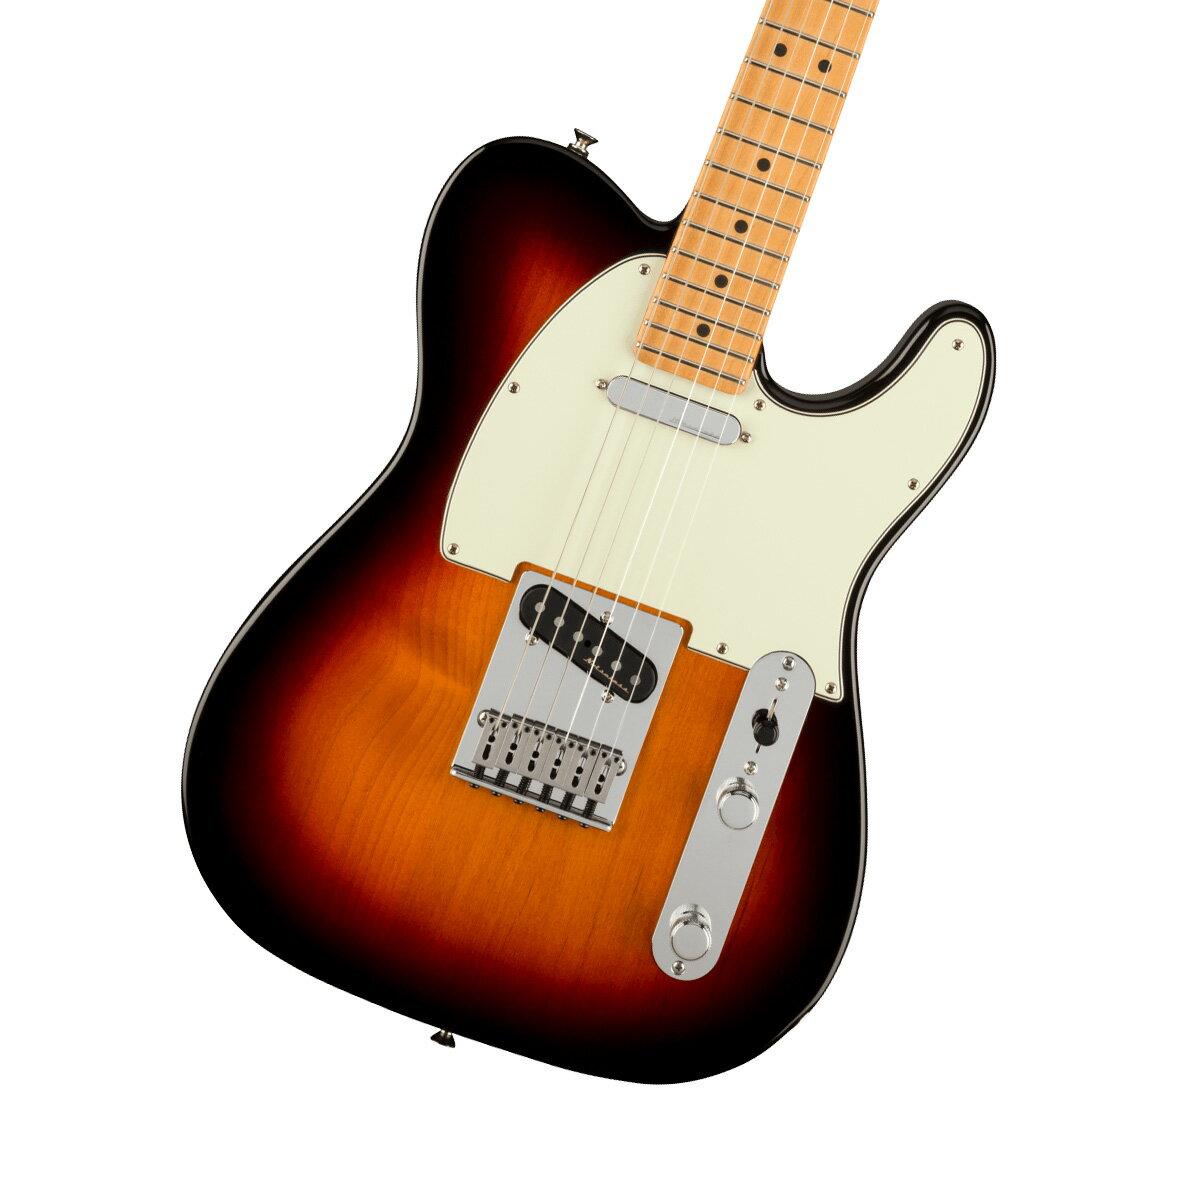 ギター, エレキギター Fender Player Plus Telecaster Maple Fingerboard 3-Color Sunburst